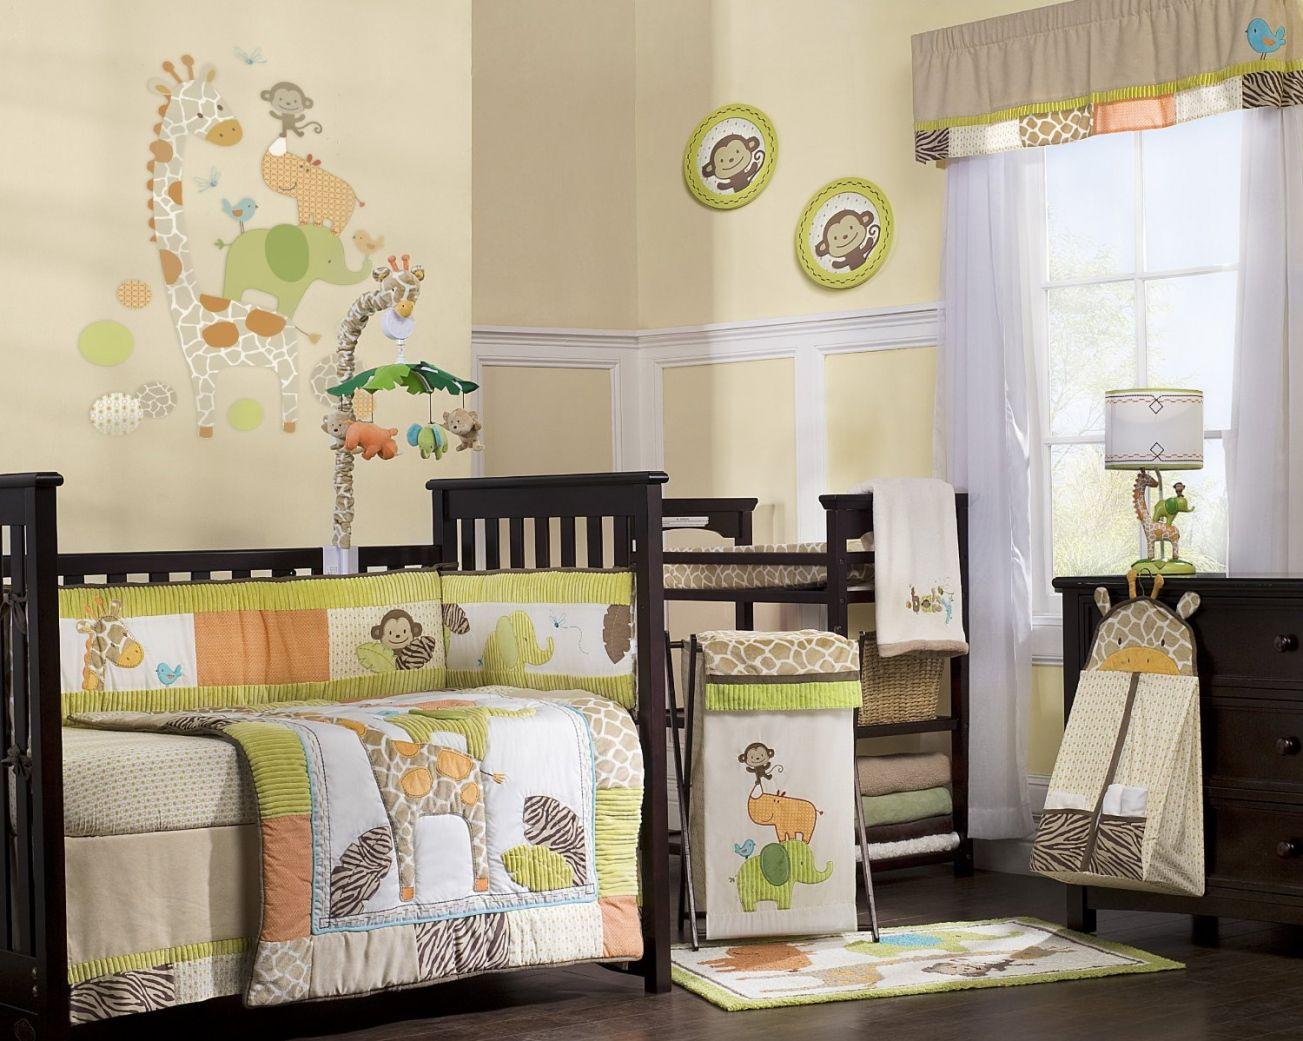 Unisex Baby Room Decor